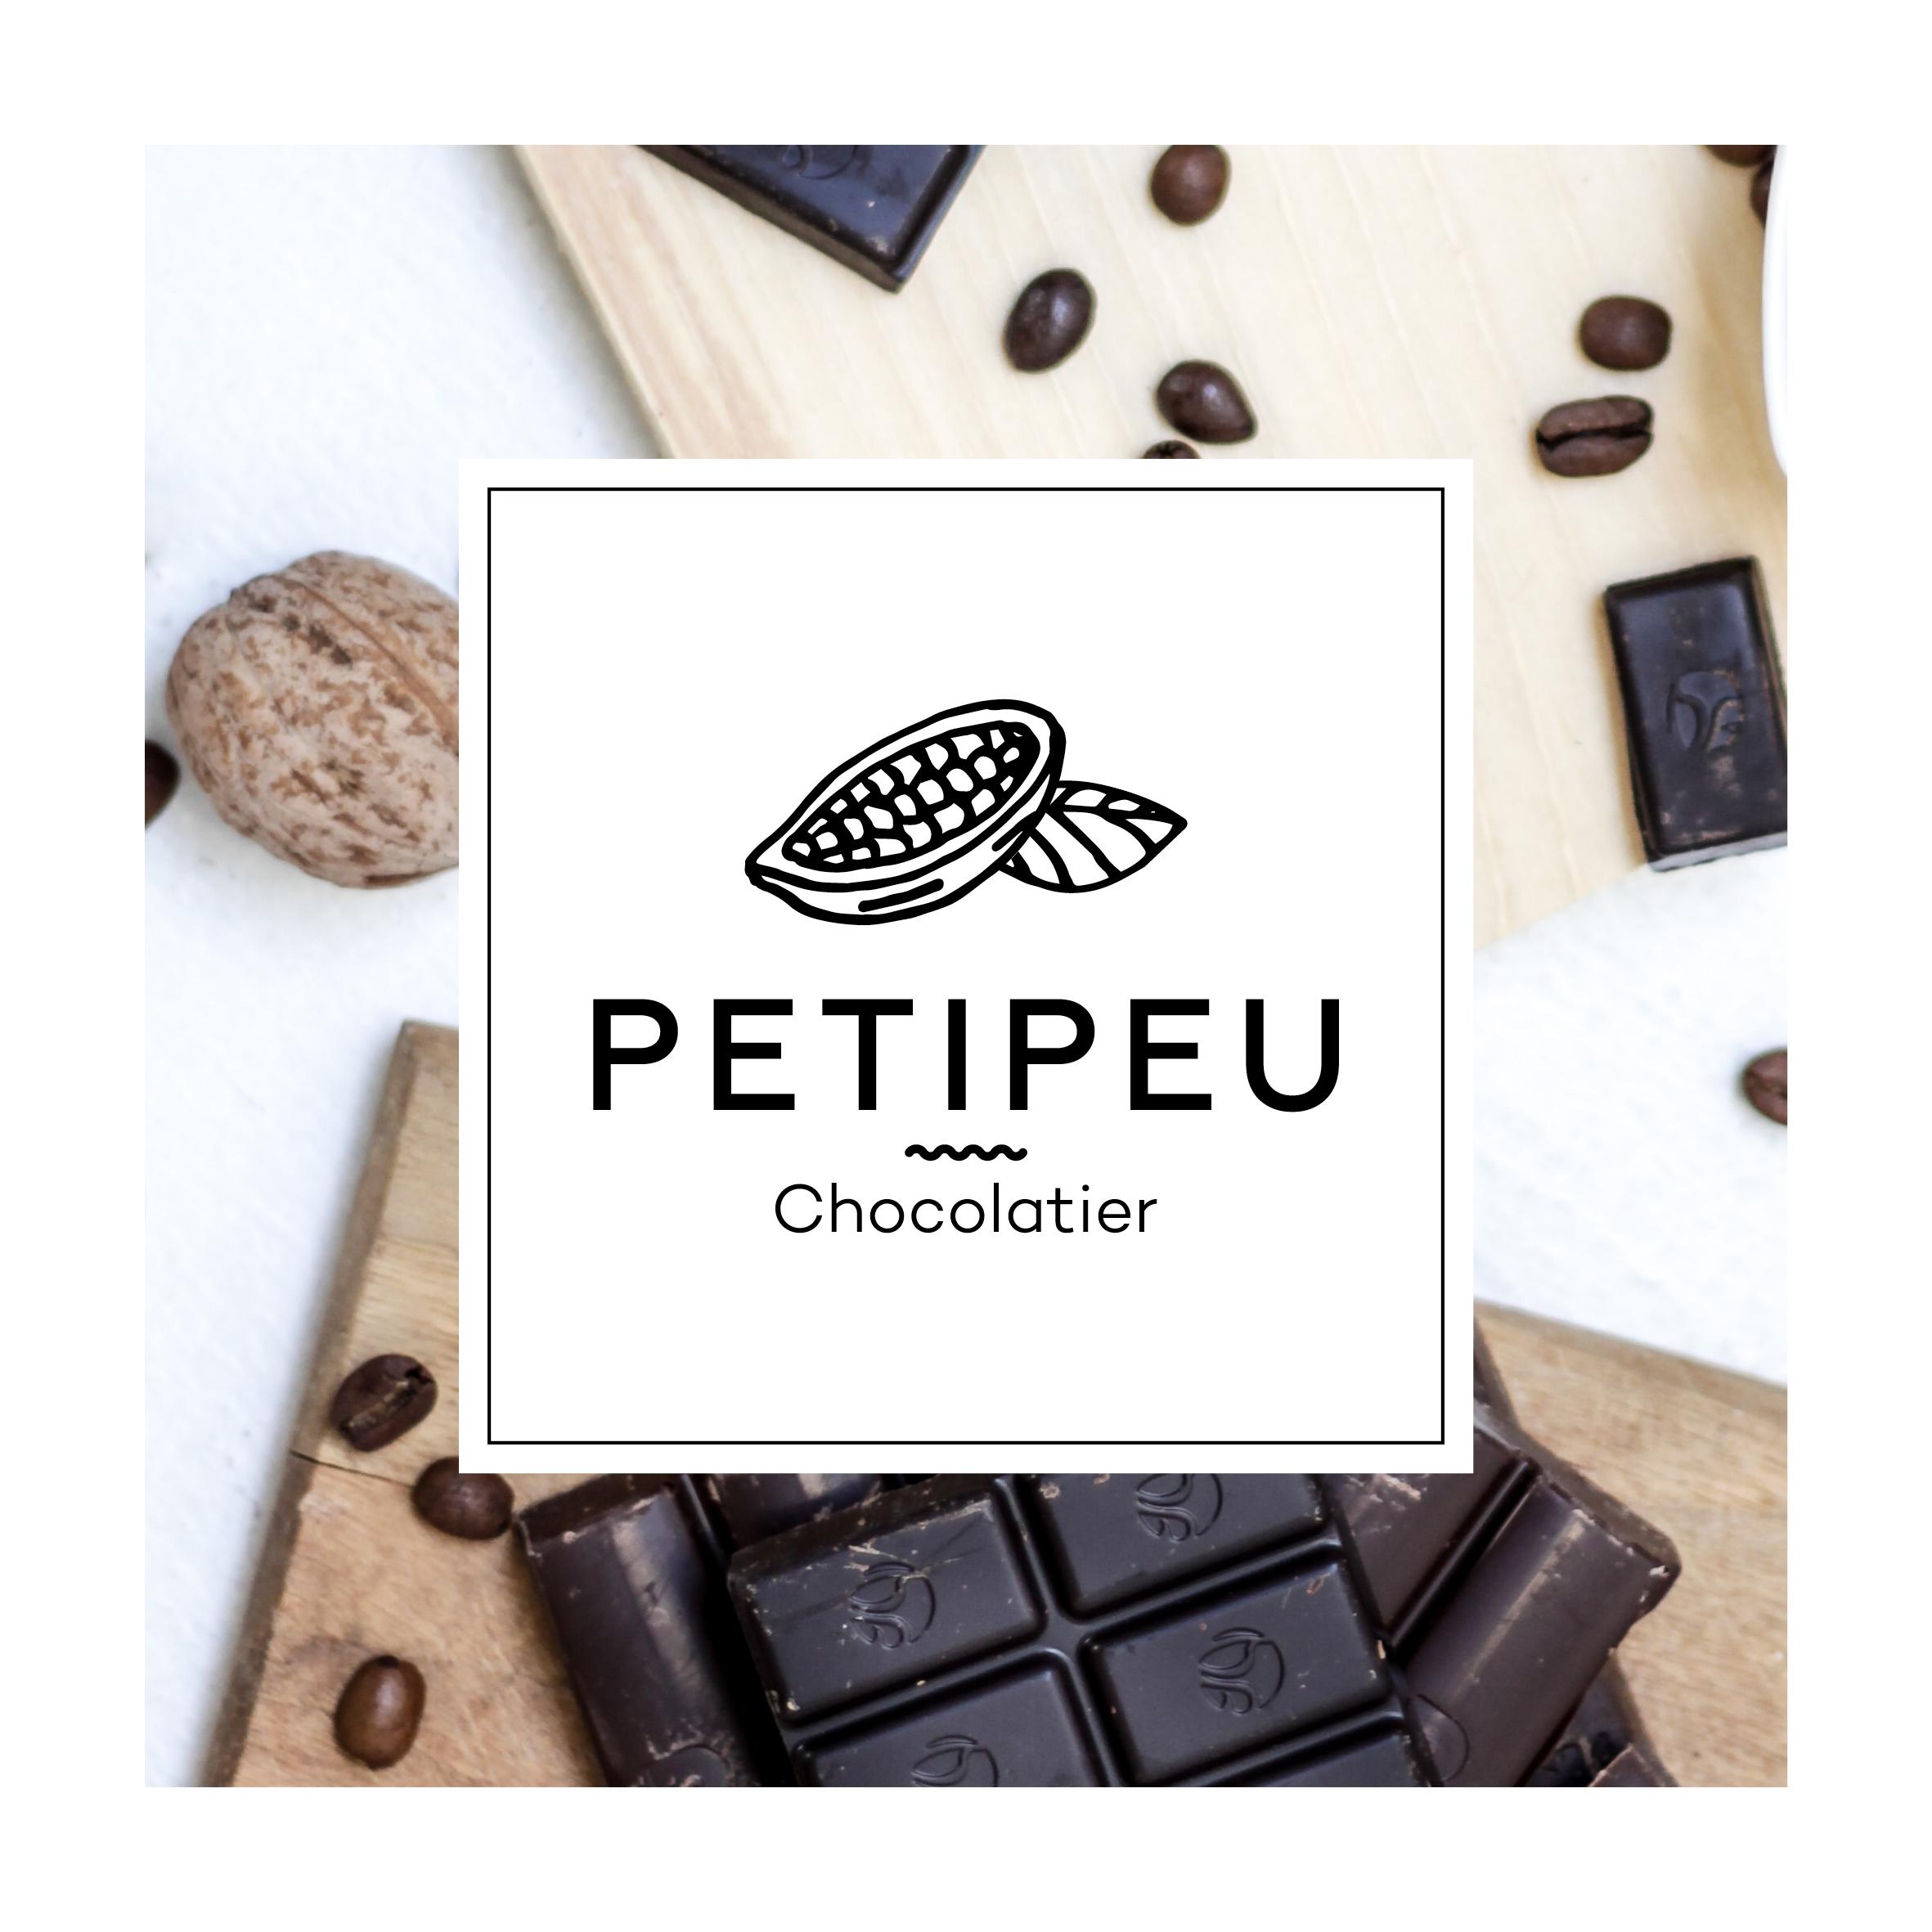 Chocolatier, marque de confiserie